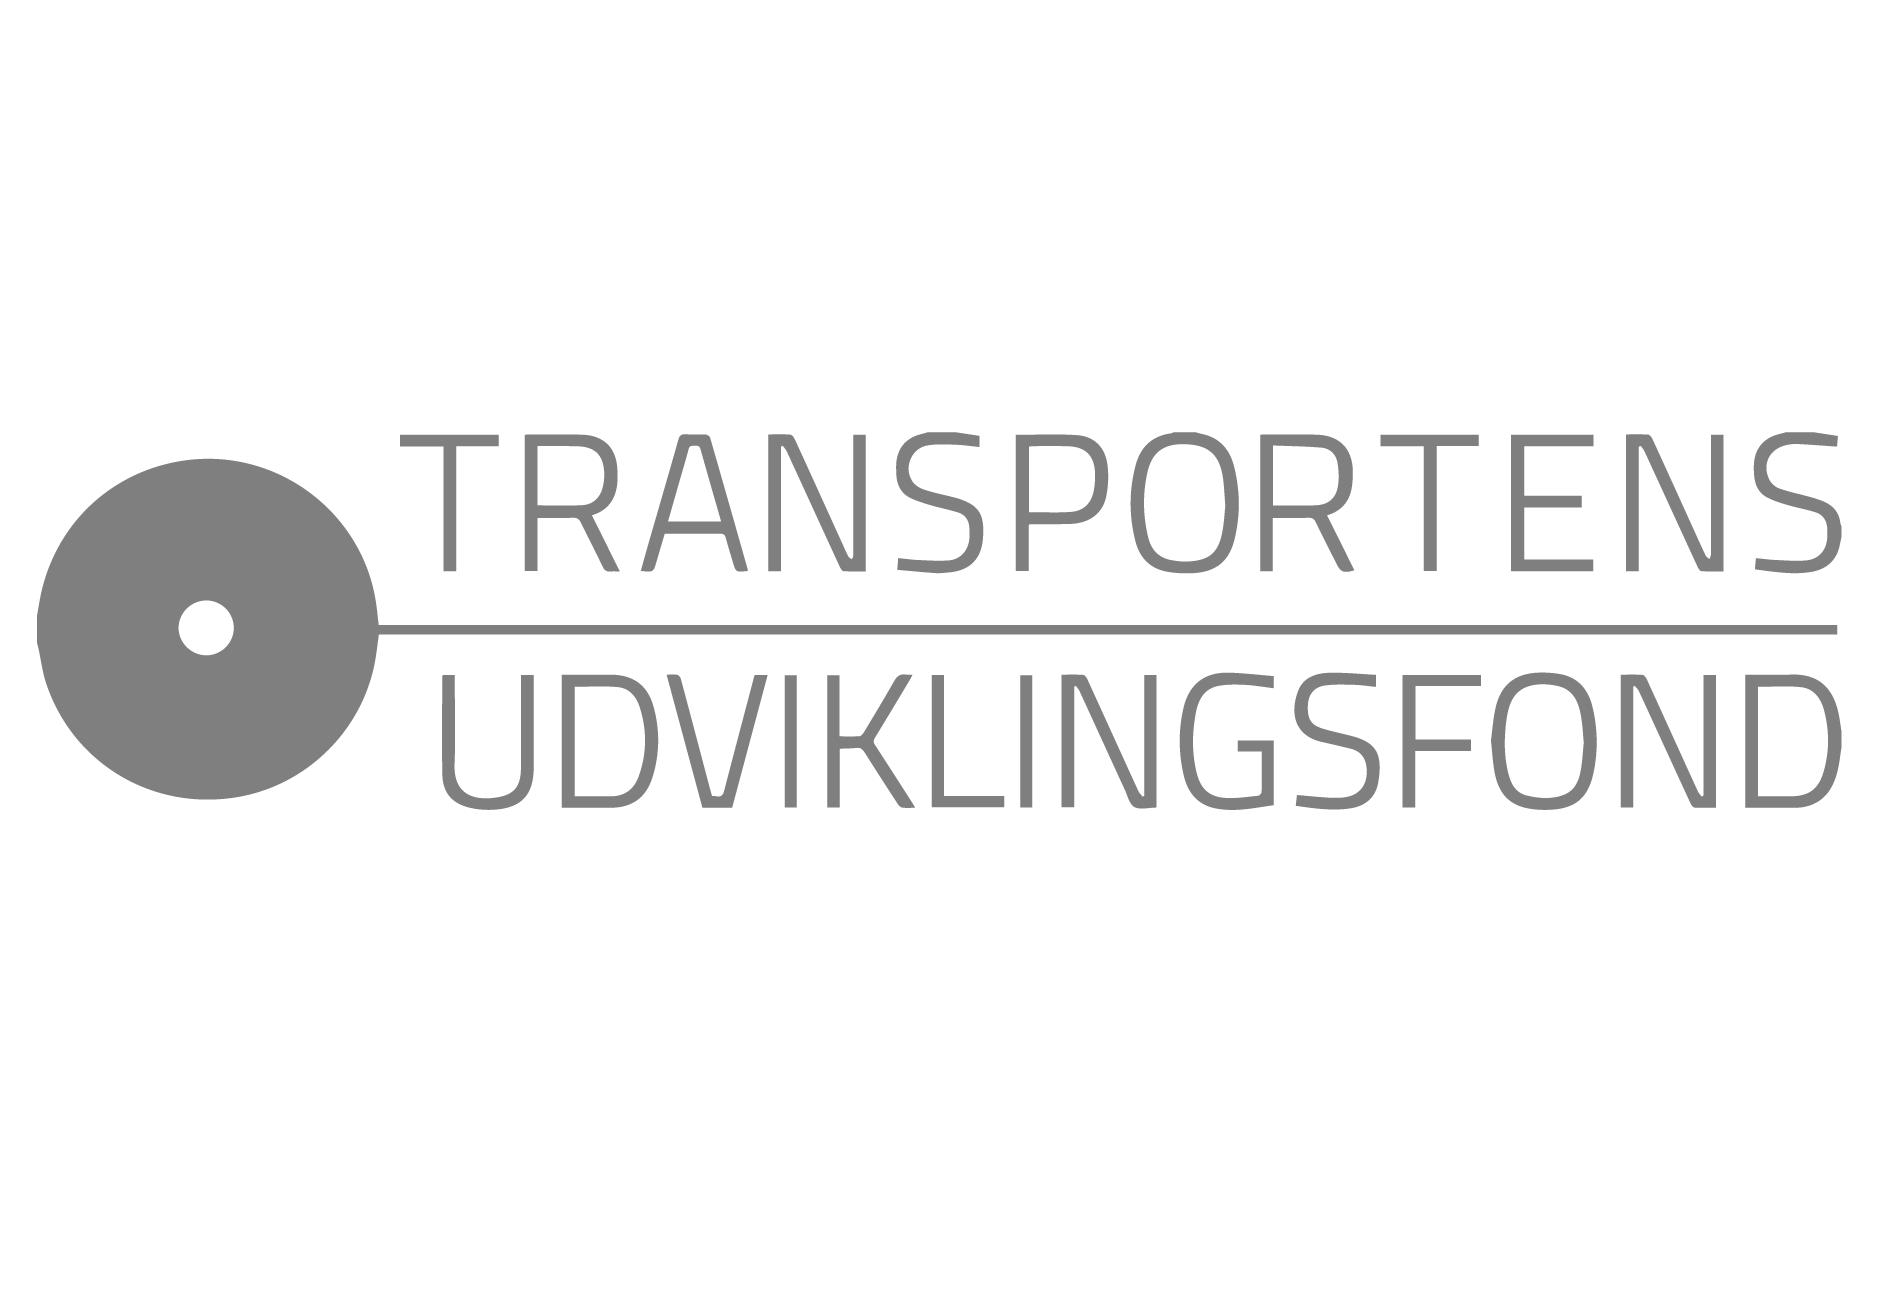 transportensudviklingsfond_logo